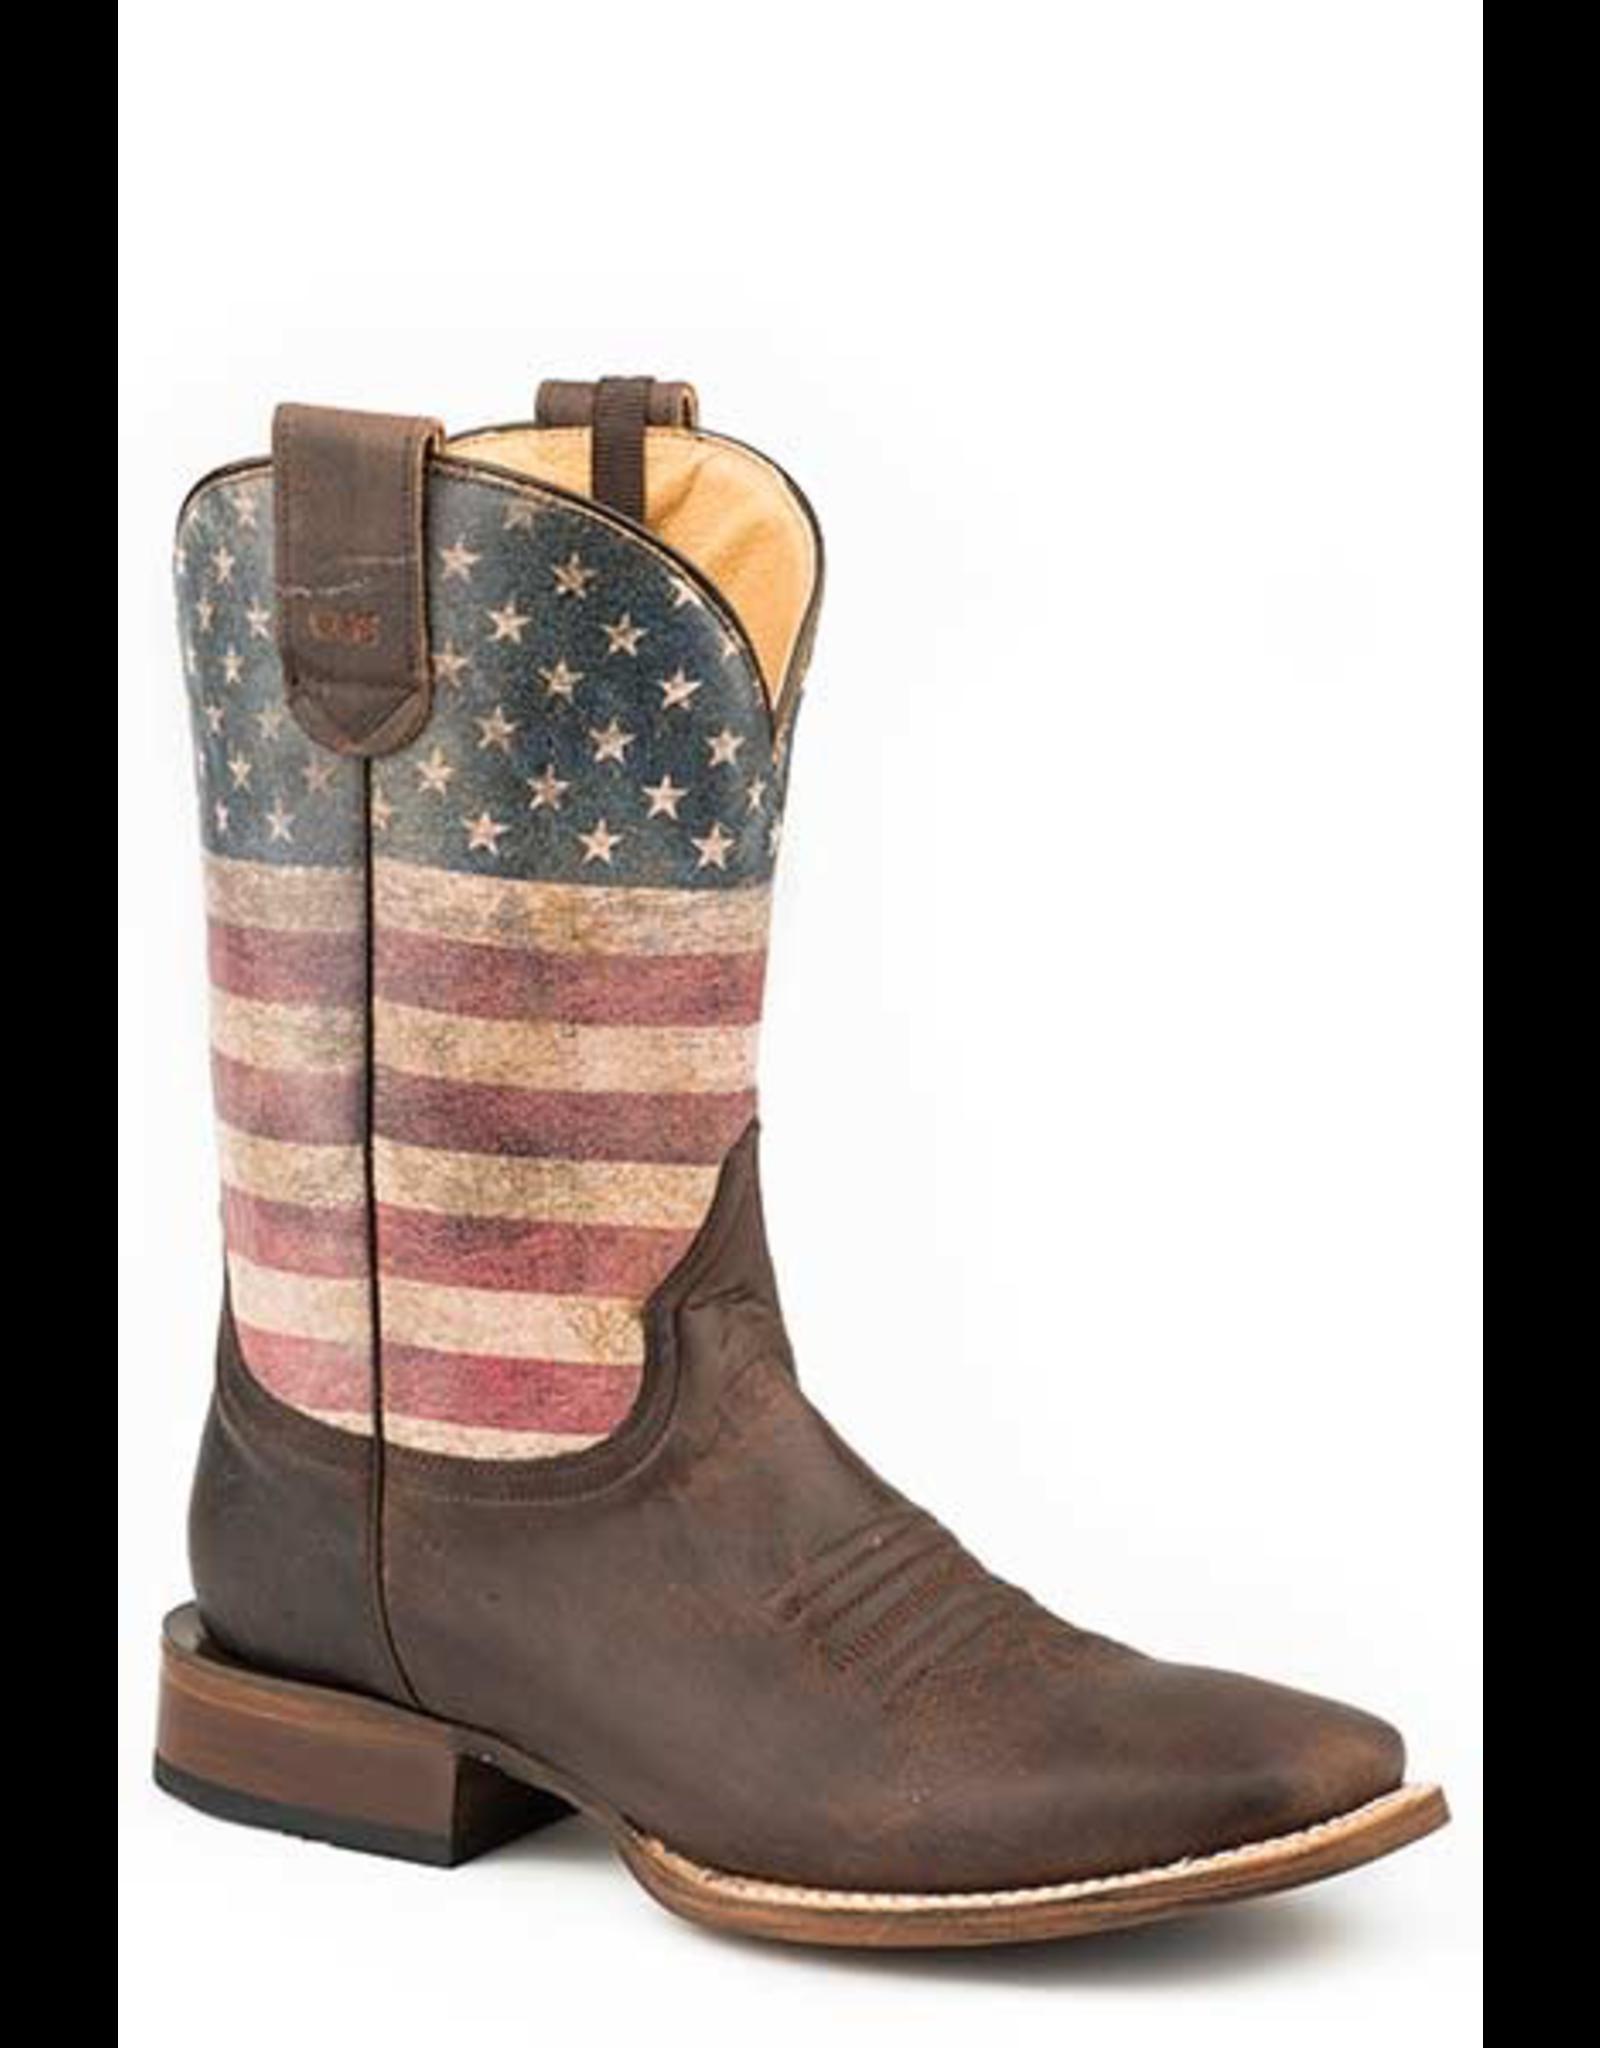 Boots-Men ROPER American Patriots CCS